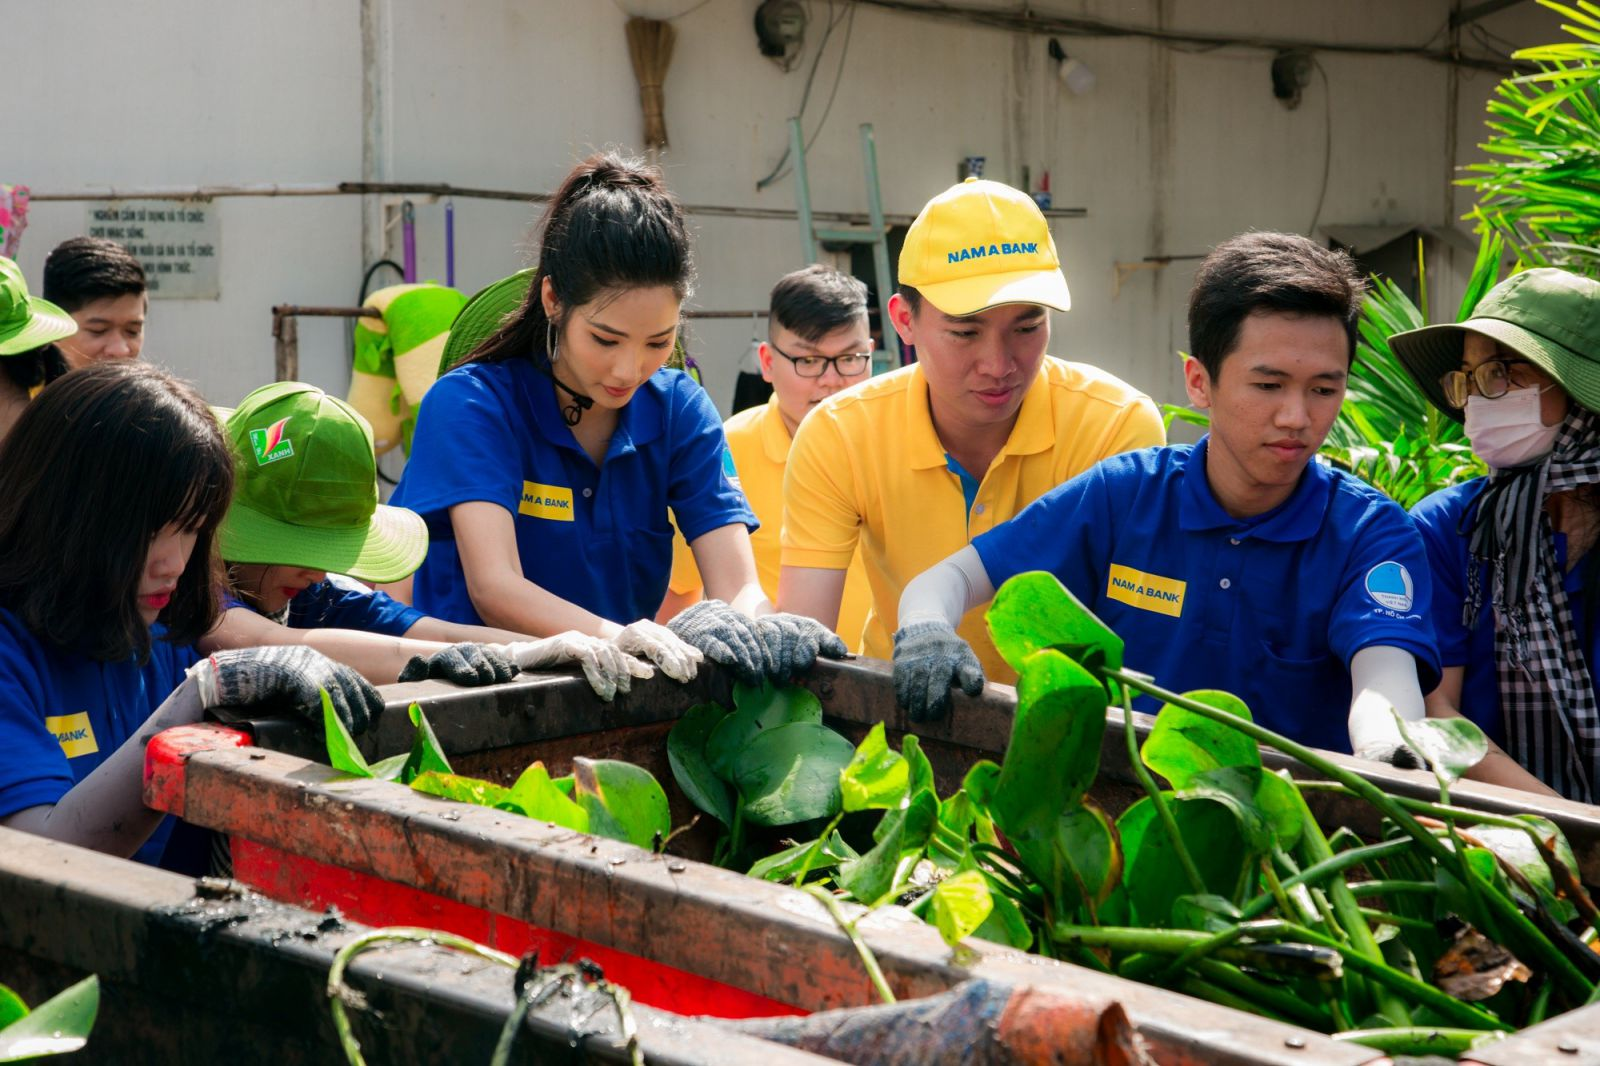 Hãy cùng Nam A Bank và Á hậu Hoàng Thùy chung tay bảo vệ môi trường  xanh – sạch – đẹp.